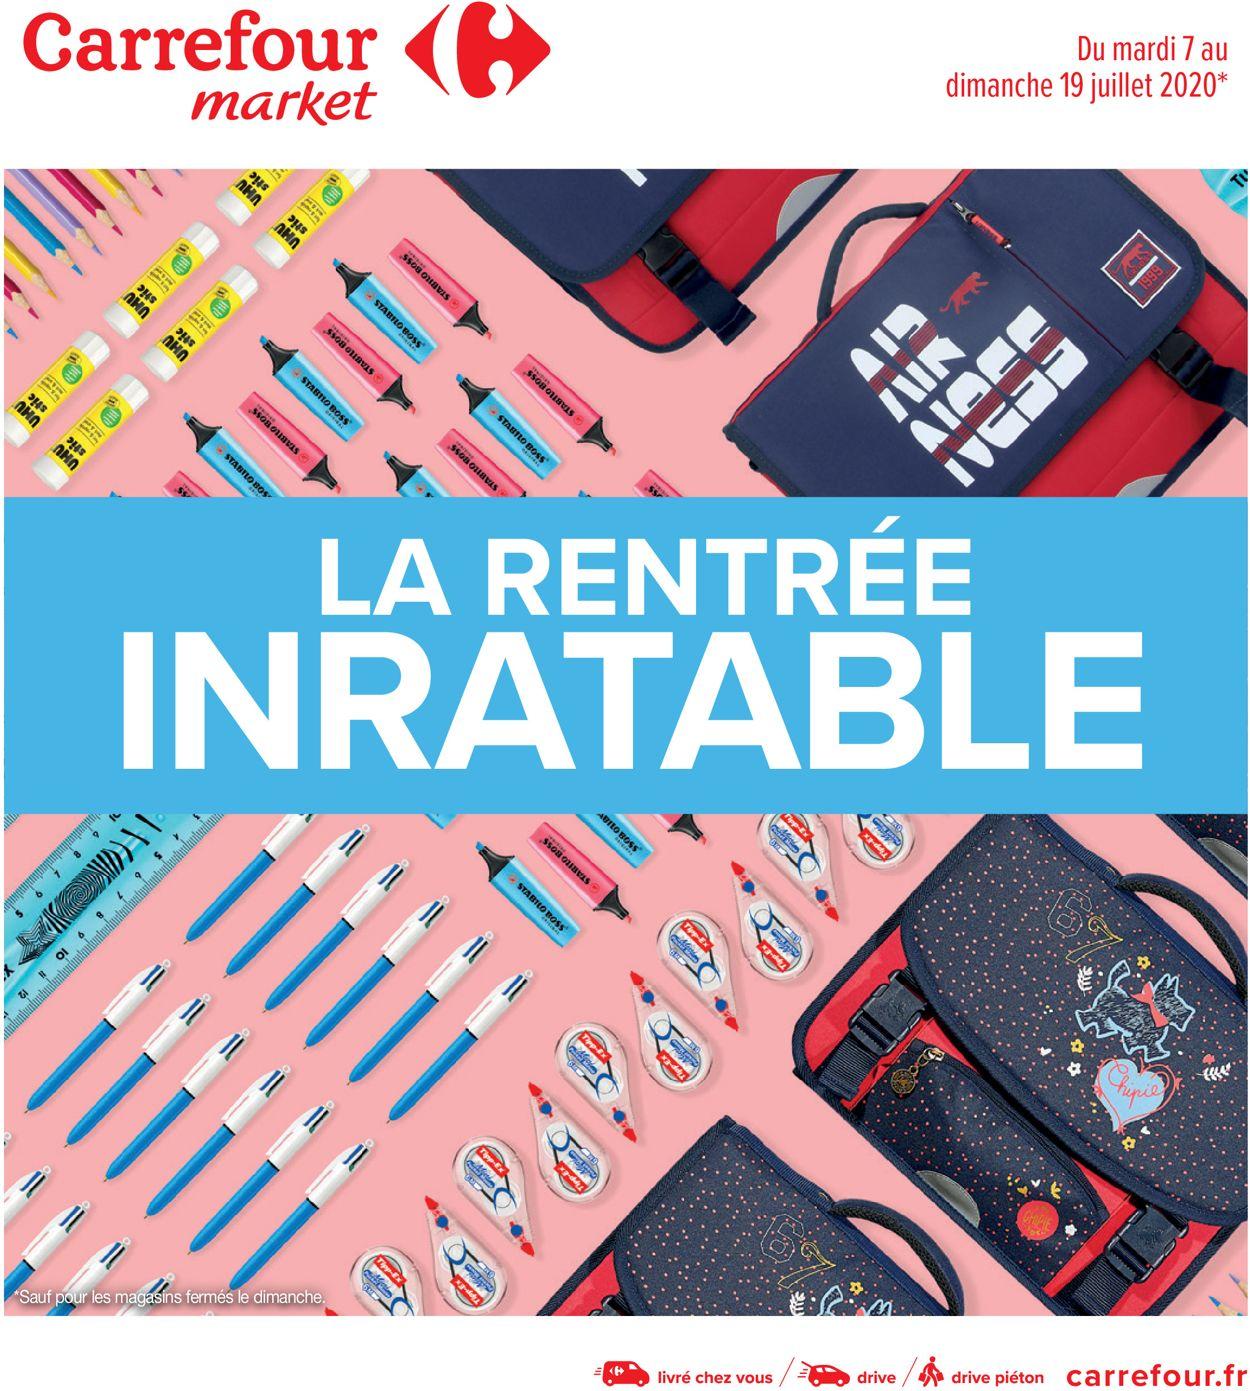 Carrefour Catalogue - 07.07-19.07.2020